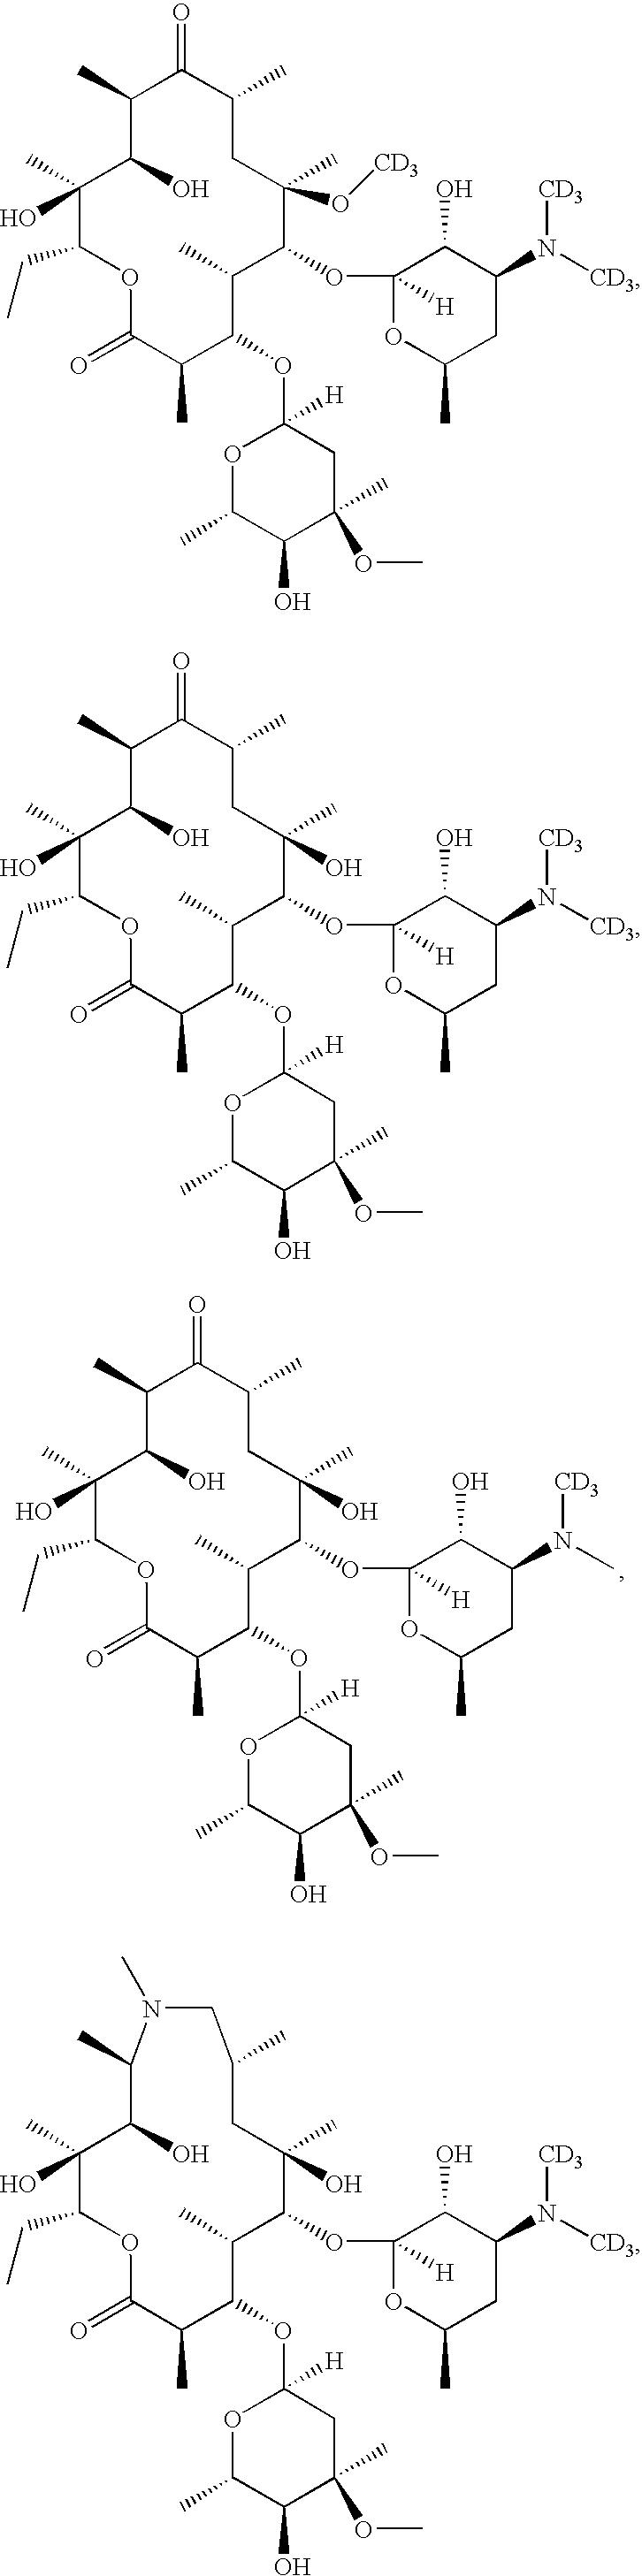 Figure US20070281894A1-20071206-C00027